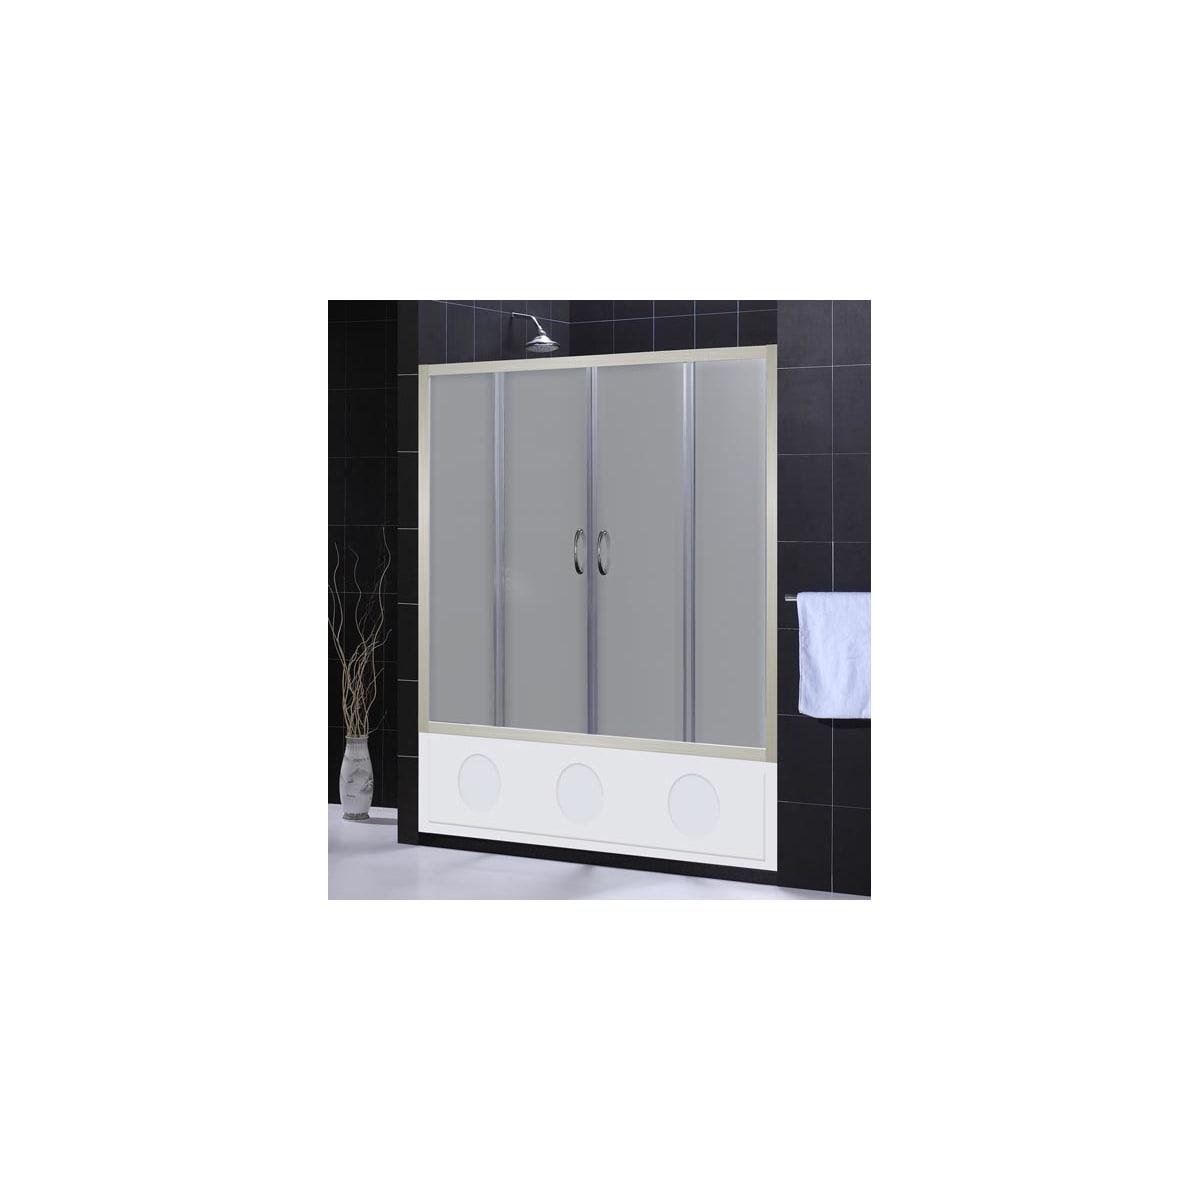 Dreamline Shdr 1160586 04 Fr Brushed Nickel Frosted Glass